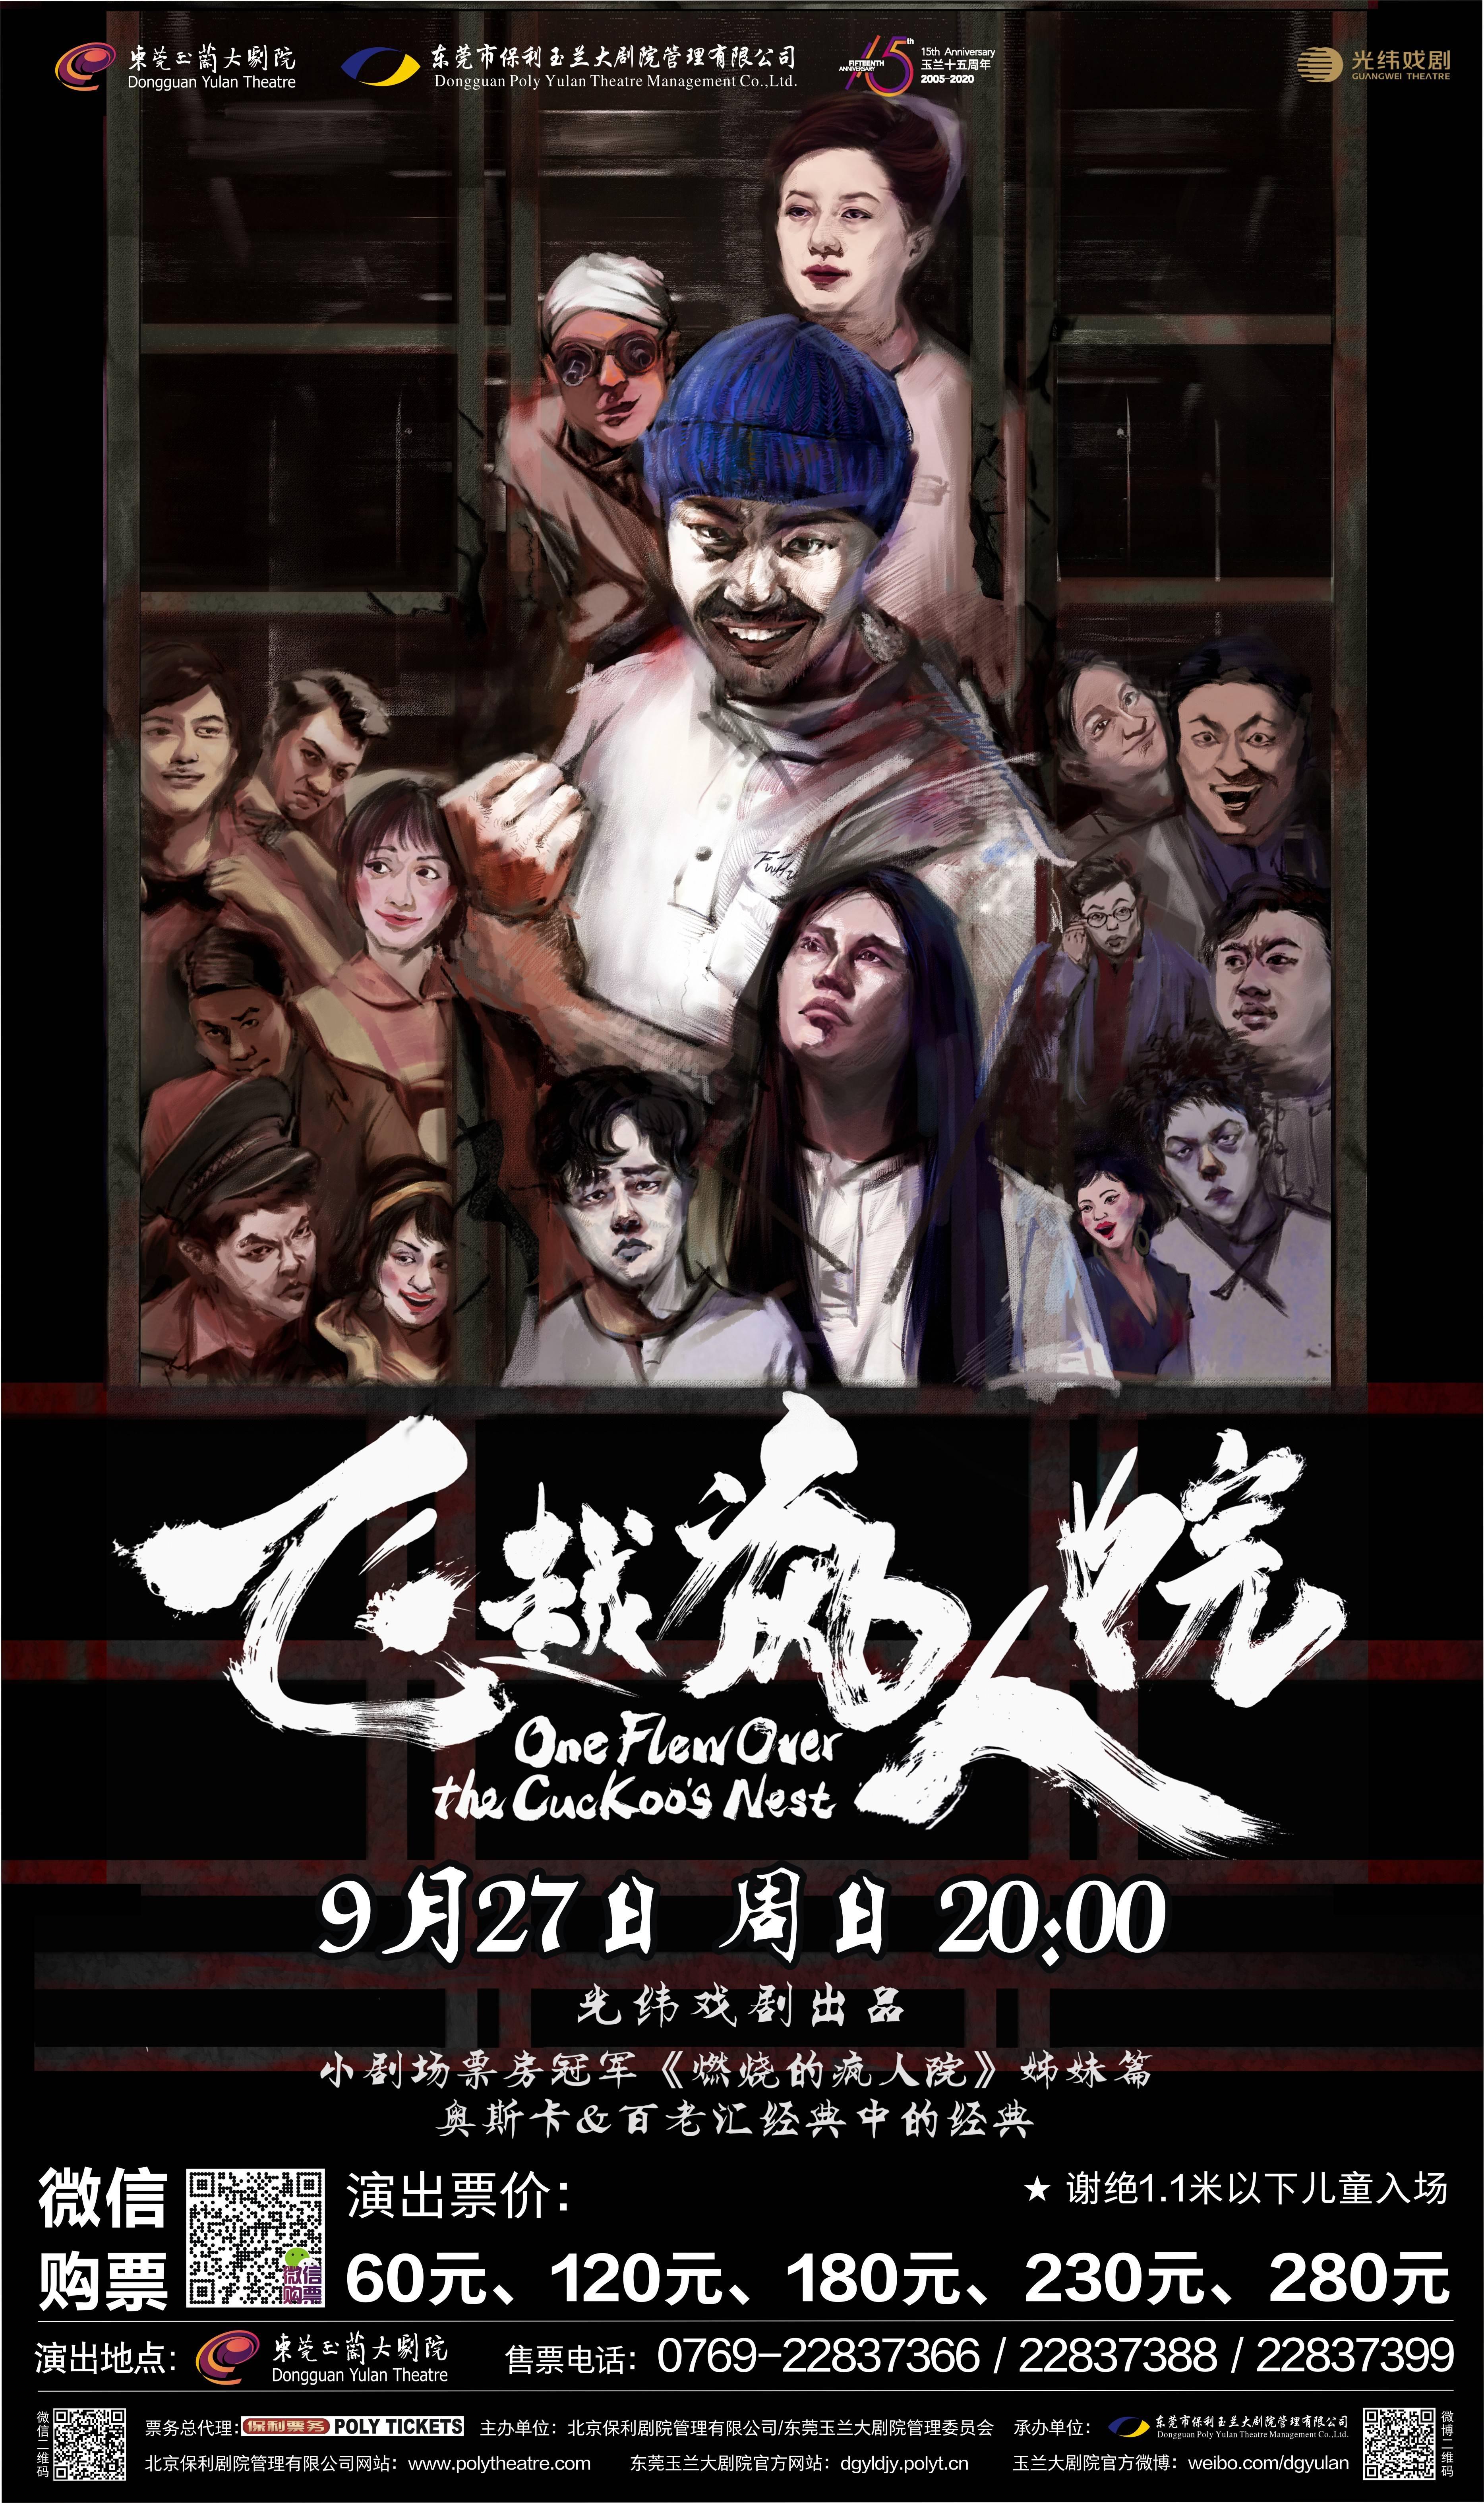 《飞越疯人院》中文版再度回归 将于9月27日在东莞玉兰大剧院盛大开演